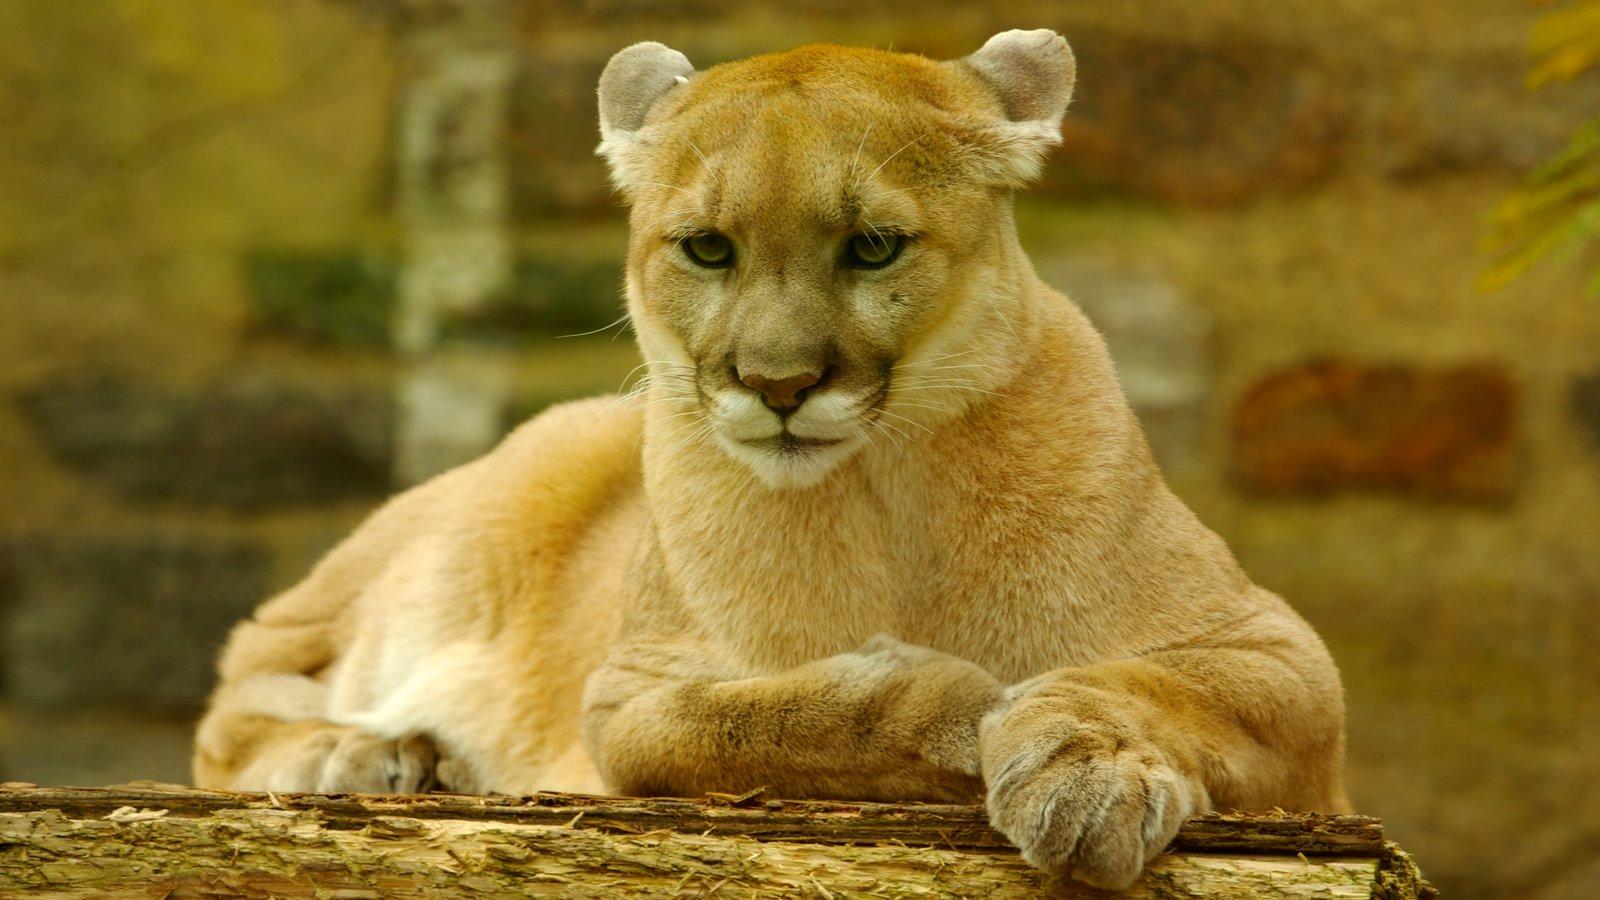 Philadelphia Zoo ofreciendo animales del zoológico y animales peligrosos